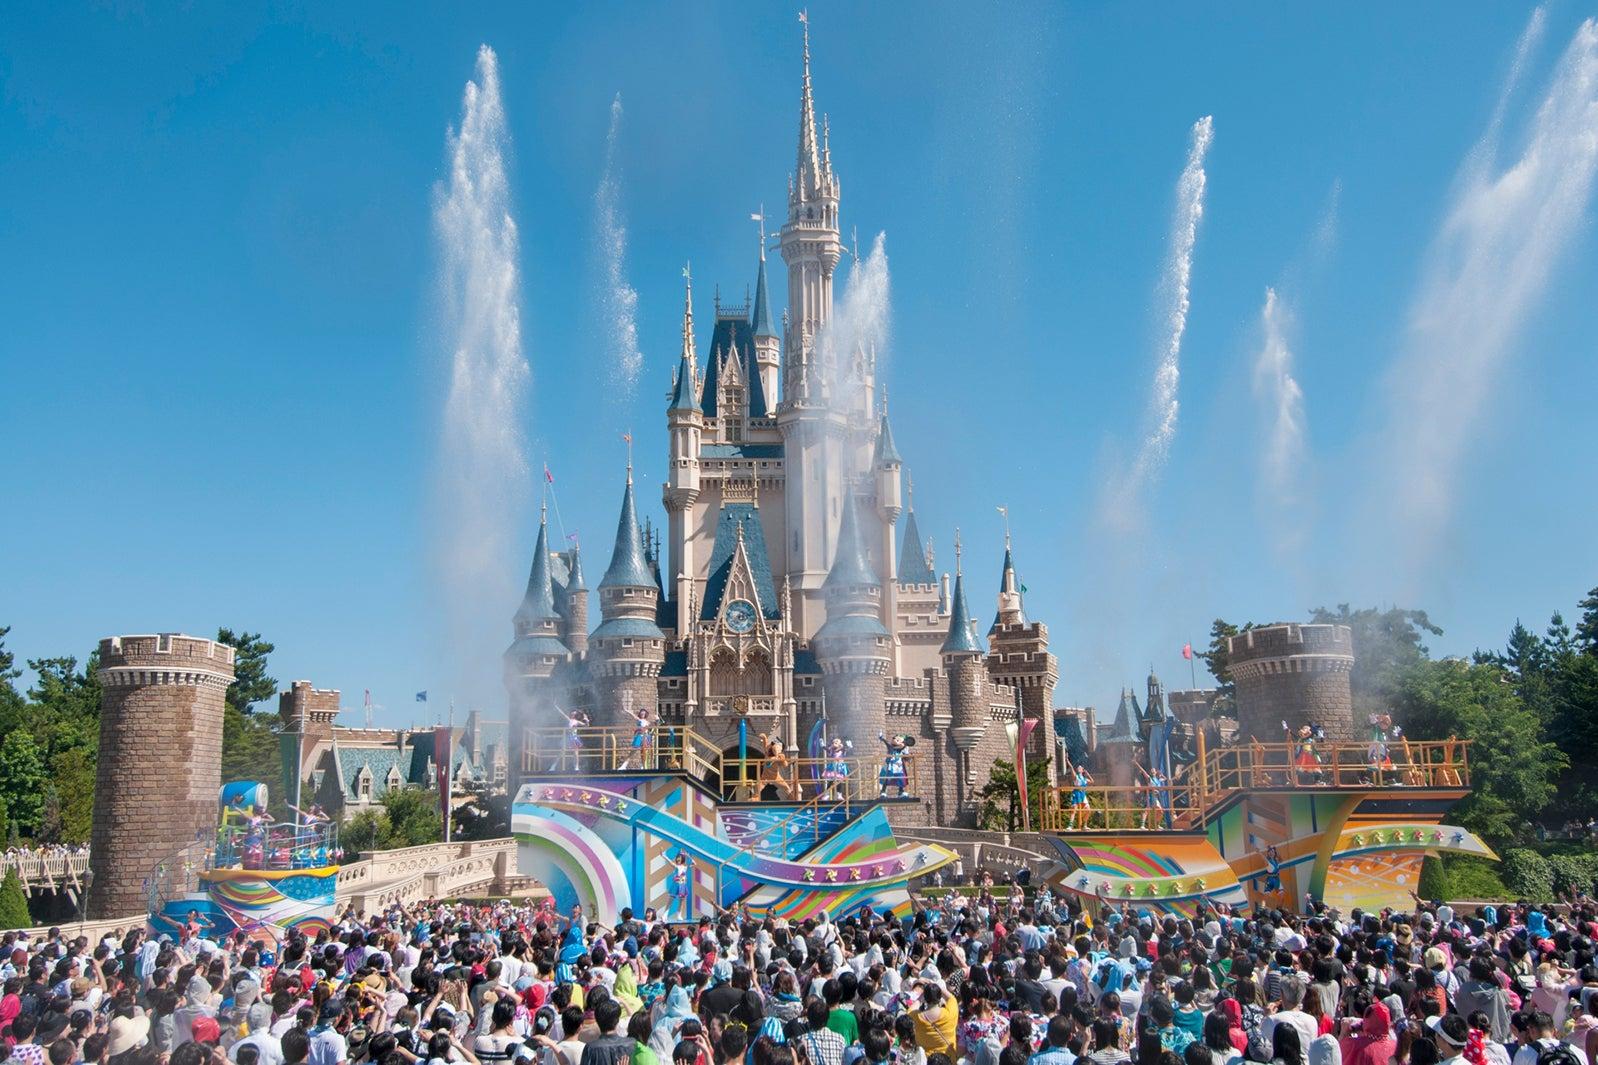 今年の夏ディズニーもアツい 夏祭り&パイレーツ…夜の新